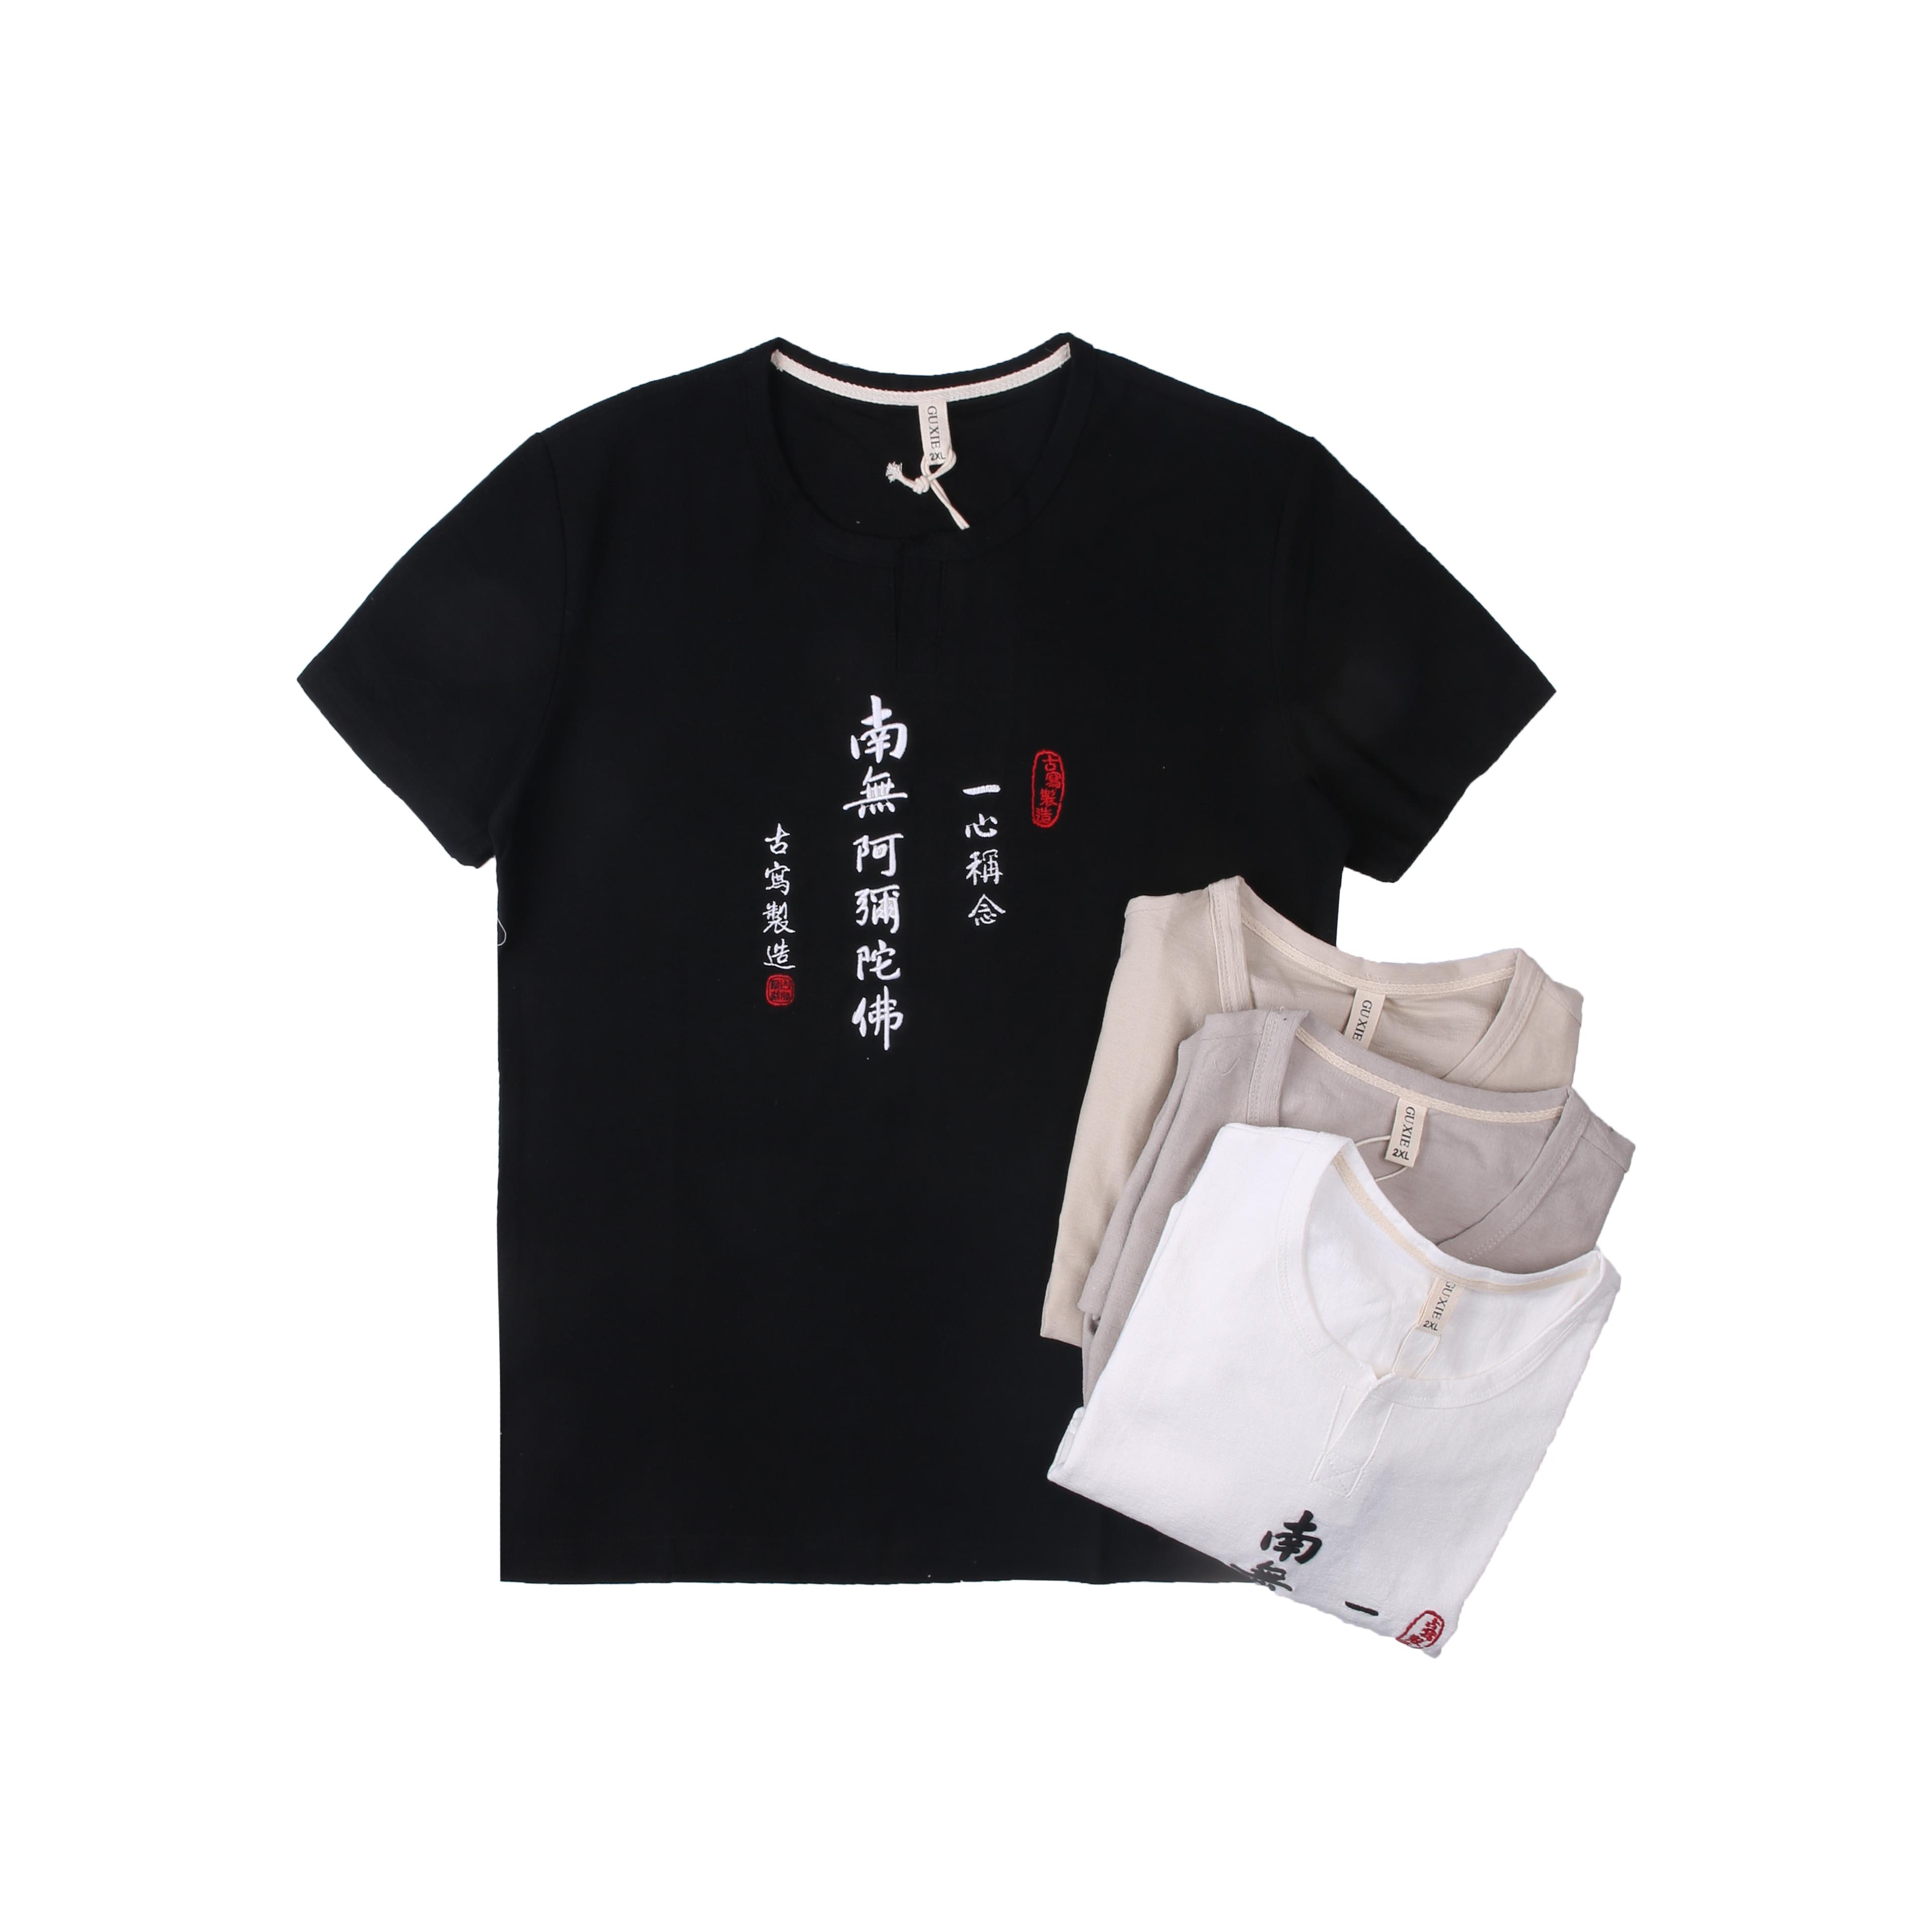 t恤男短袖 特价包邮促销 中国风刺绣男士短袖T恤青年半袖修身加大码男装3603_推荐淘宝好看的t恤男短袖